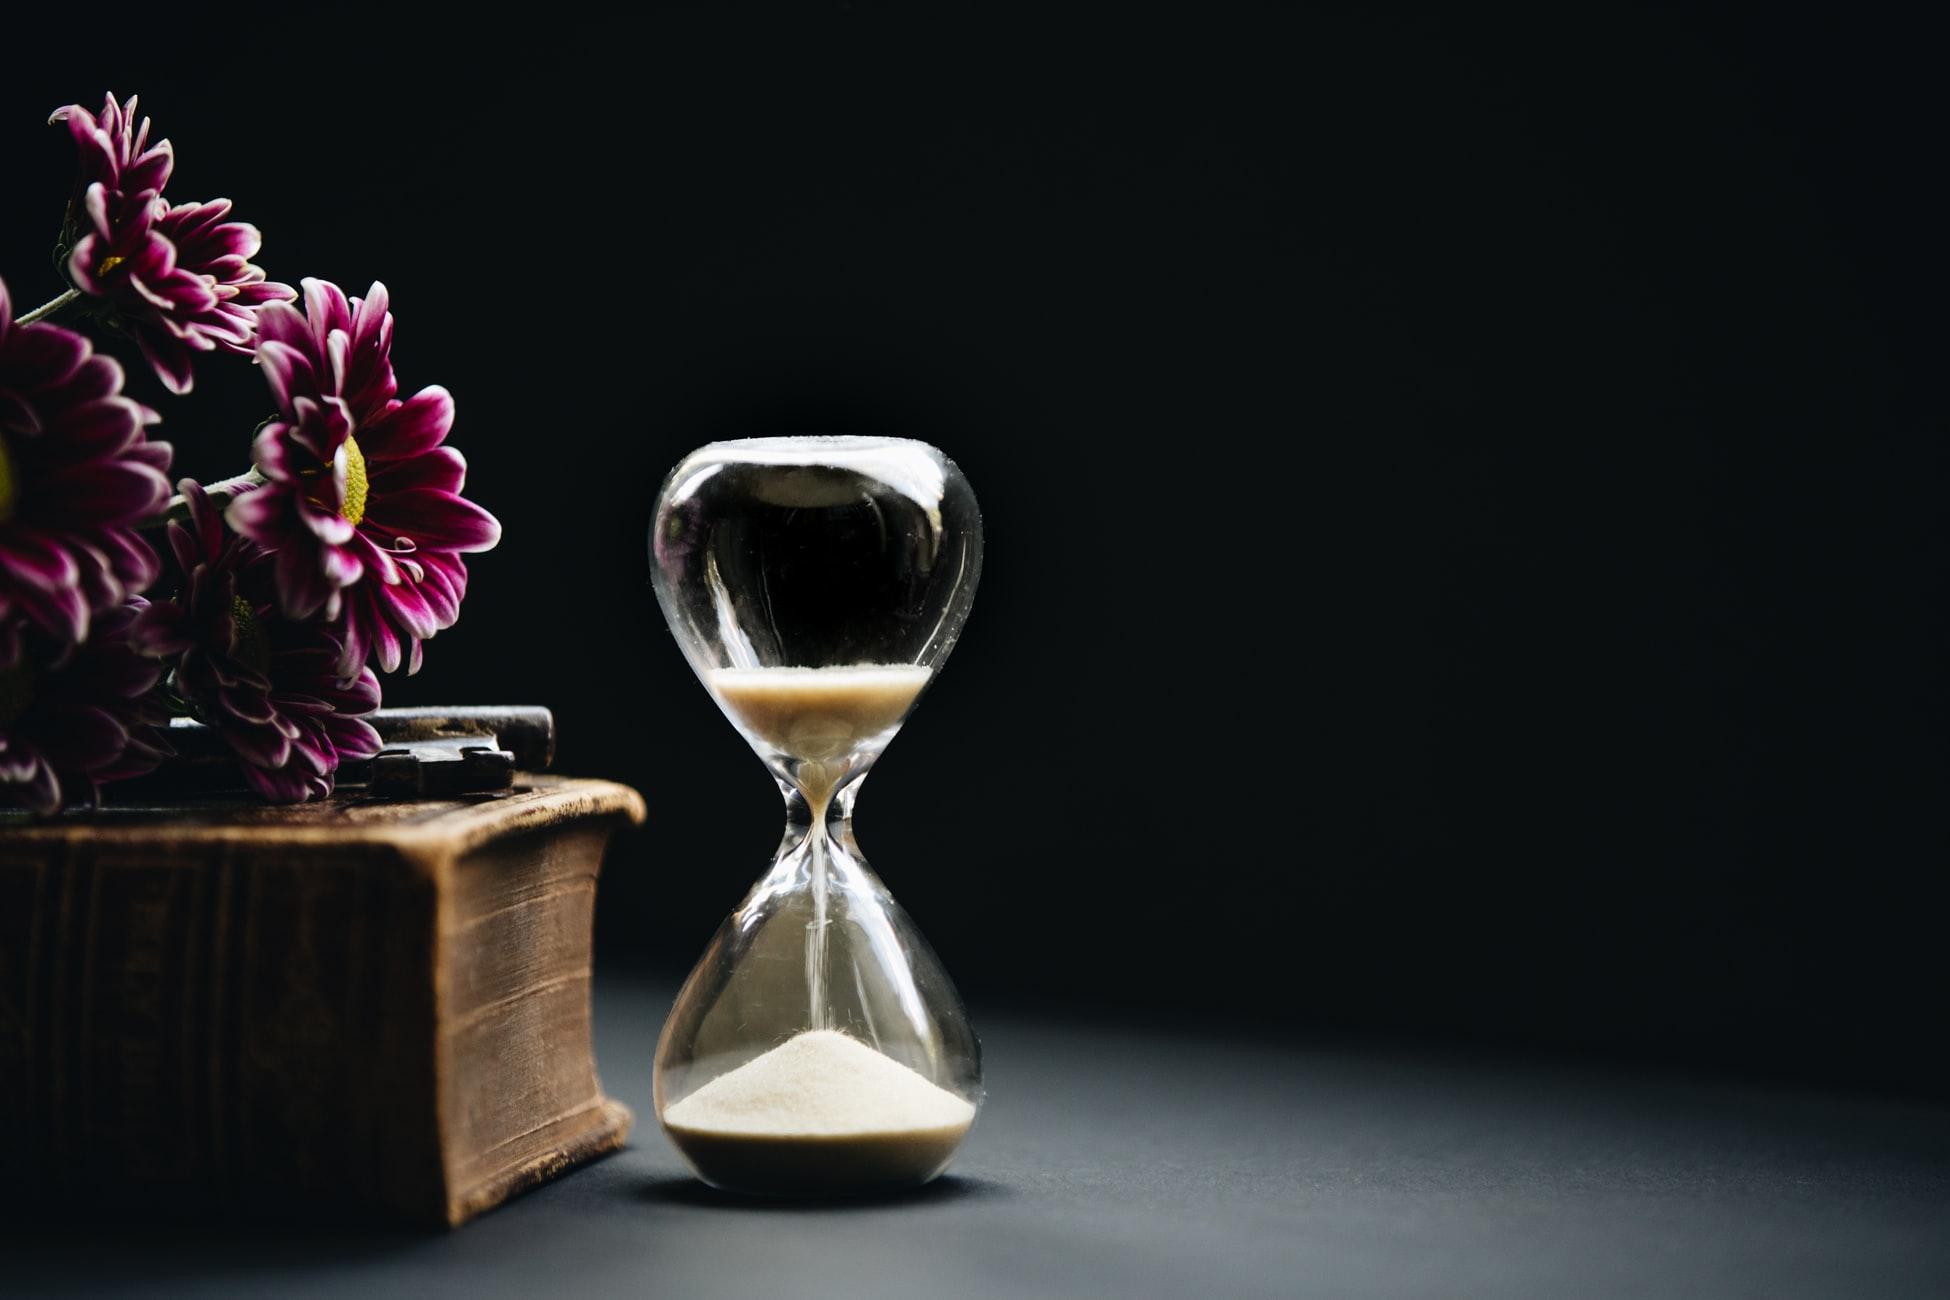 La importancia del tiempo es algo que no podemos menospreciar y algo sobre lo que Allah llama nuestra atención en el Corán